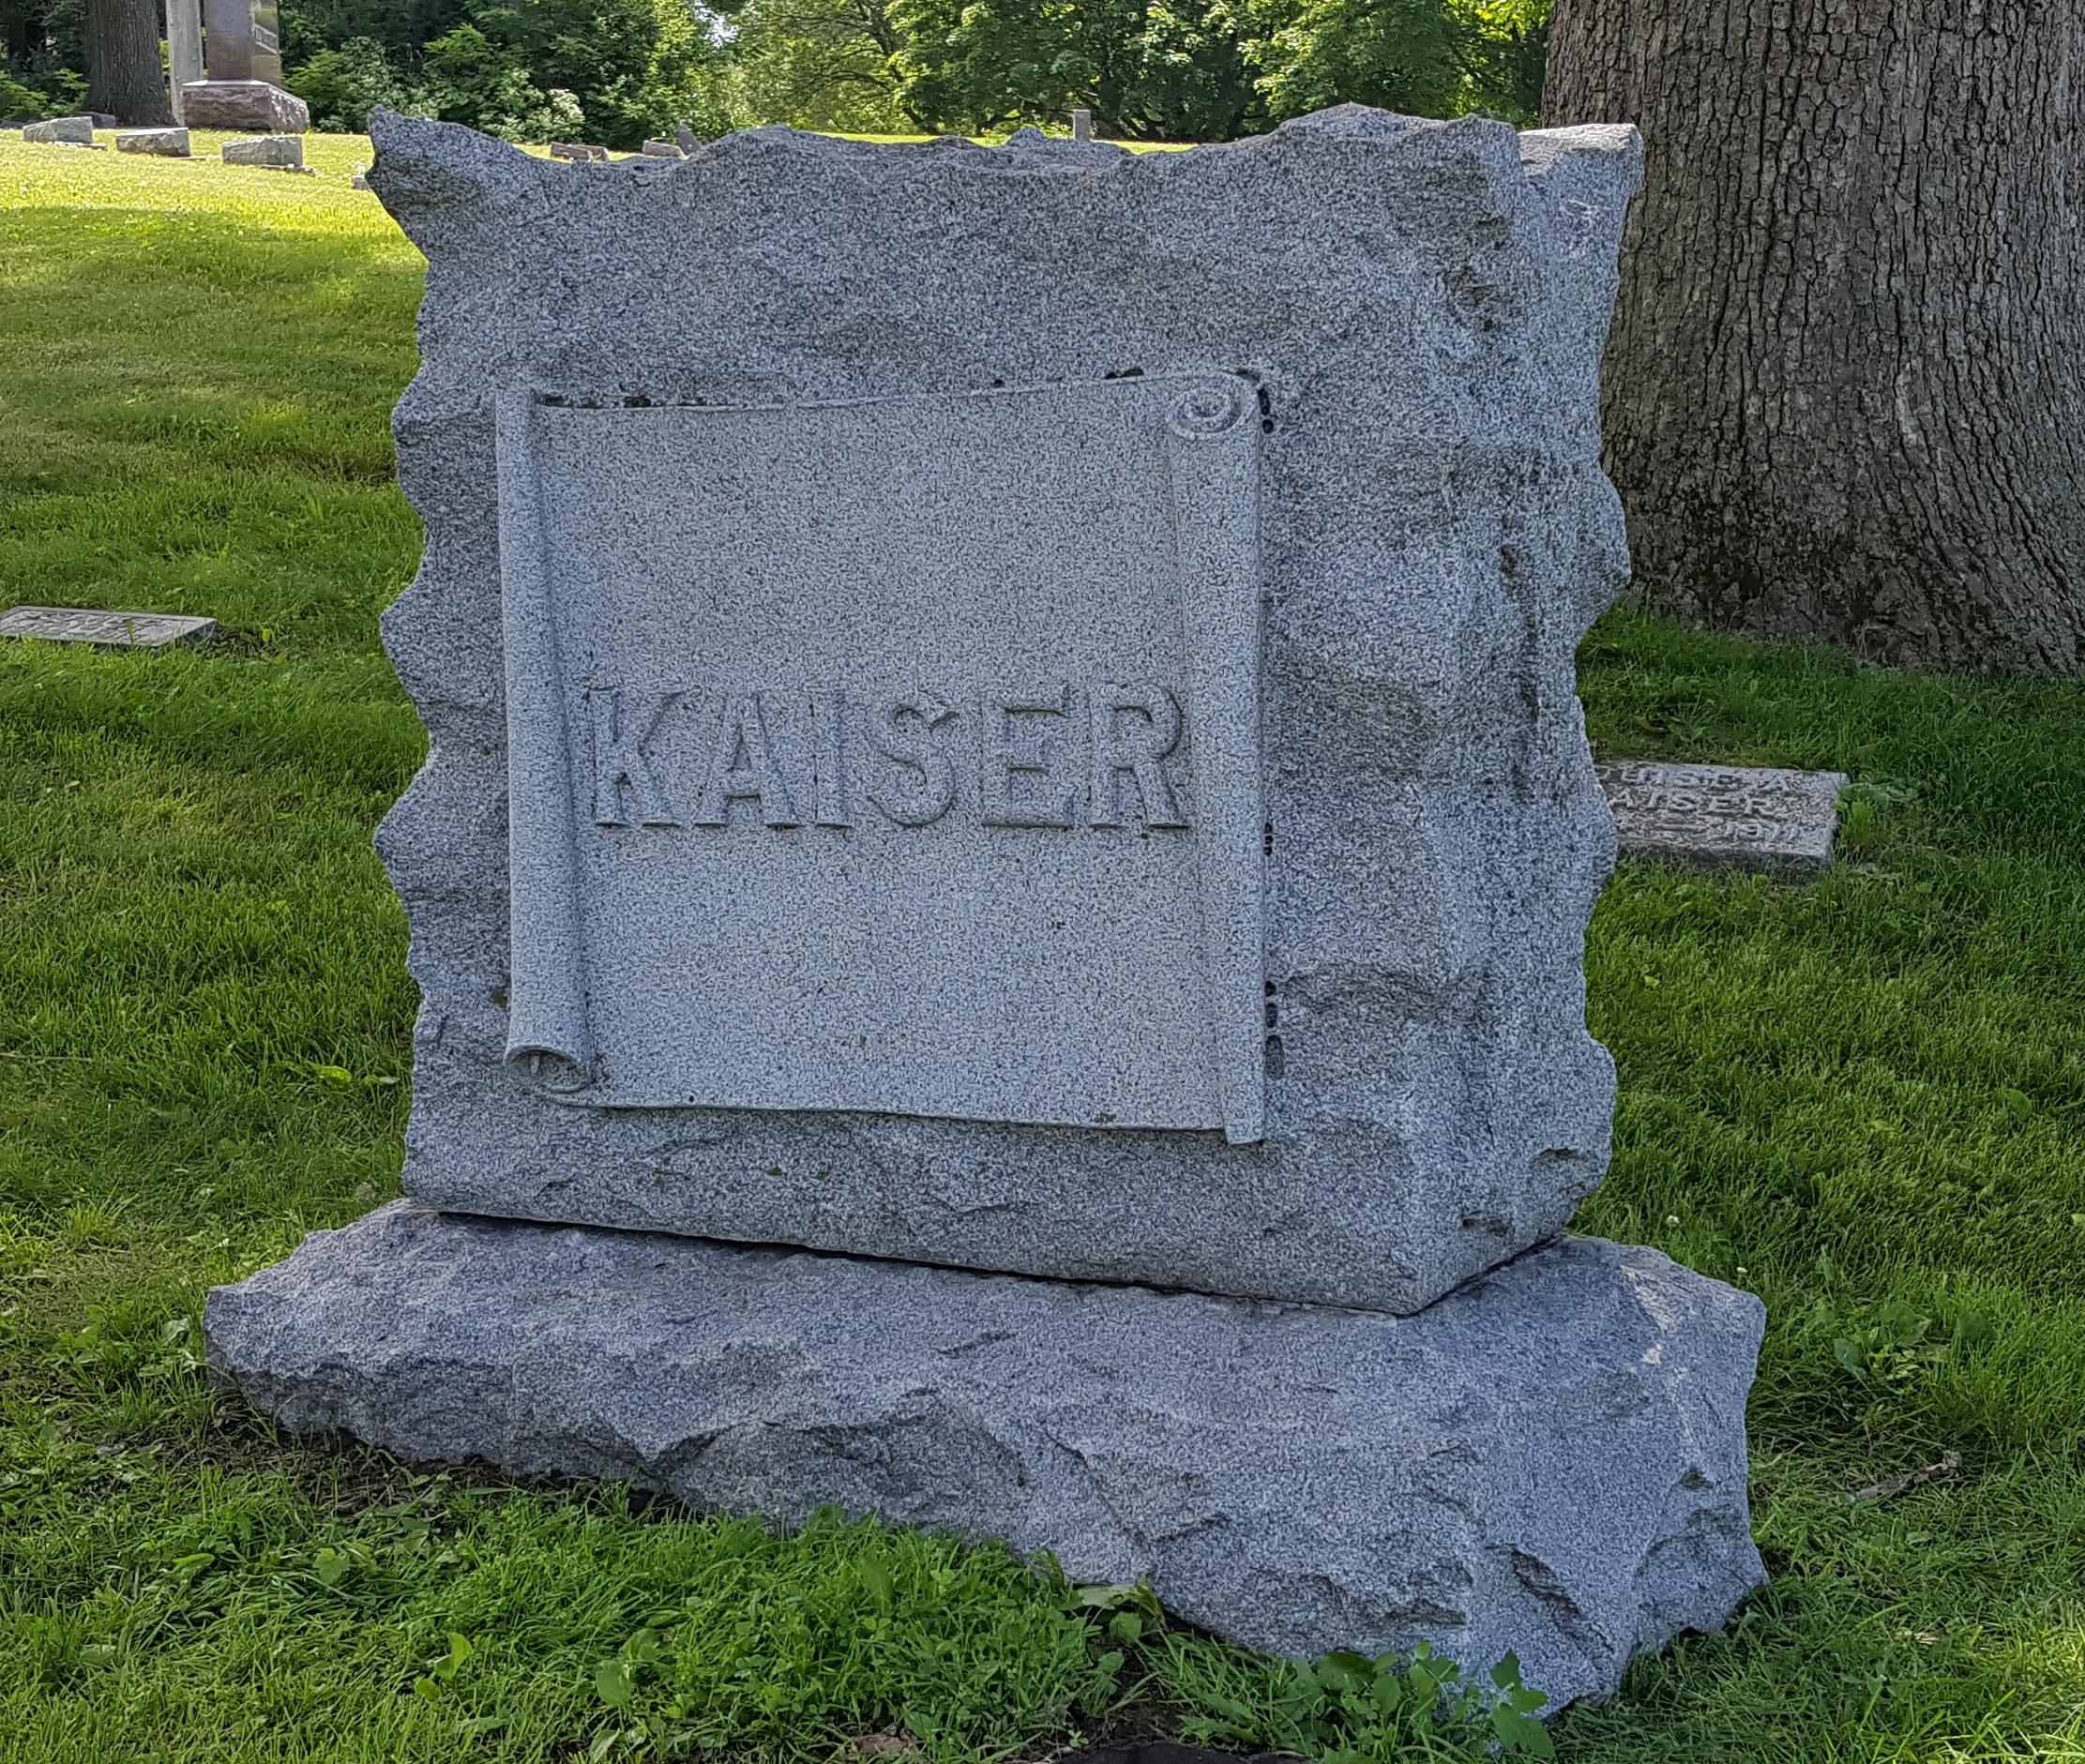 John Leonard Kaiser